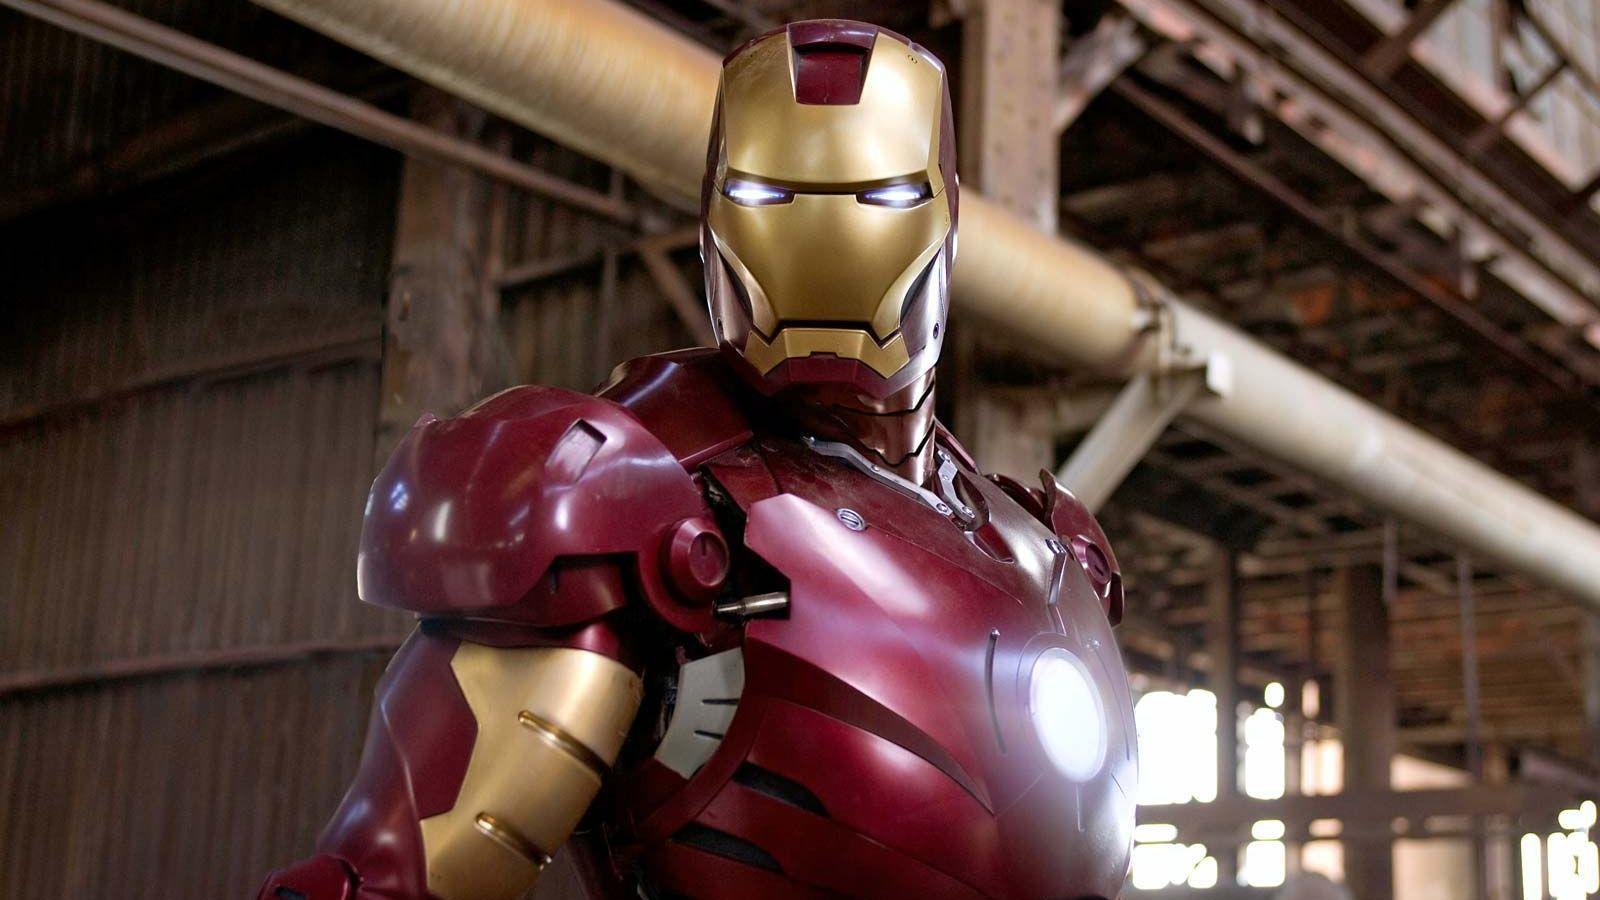 Tony Stark színrelépésével azonban új időszak kezdődött a képregyénfilmek történetében. Nagyot kockáztatott anno a Marvel: a leszállóágban lévő Rober Downey Jr.-ra és a változó sikerrel rendező John Favreau-ra bízták egy, a Marvel hőseit eddig sosem látott méretű filmes univerzumba tömörítő filmsorozat nyitódarabját. A Vasember végül 2008. második legjobban termelő filmje lett. Az első? Christopher Nolan Sötét lovagja...  (Disney\ Marvel)